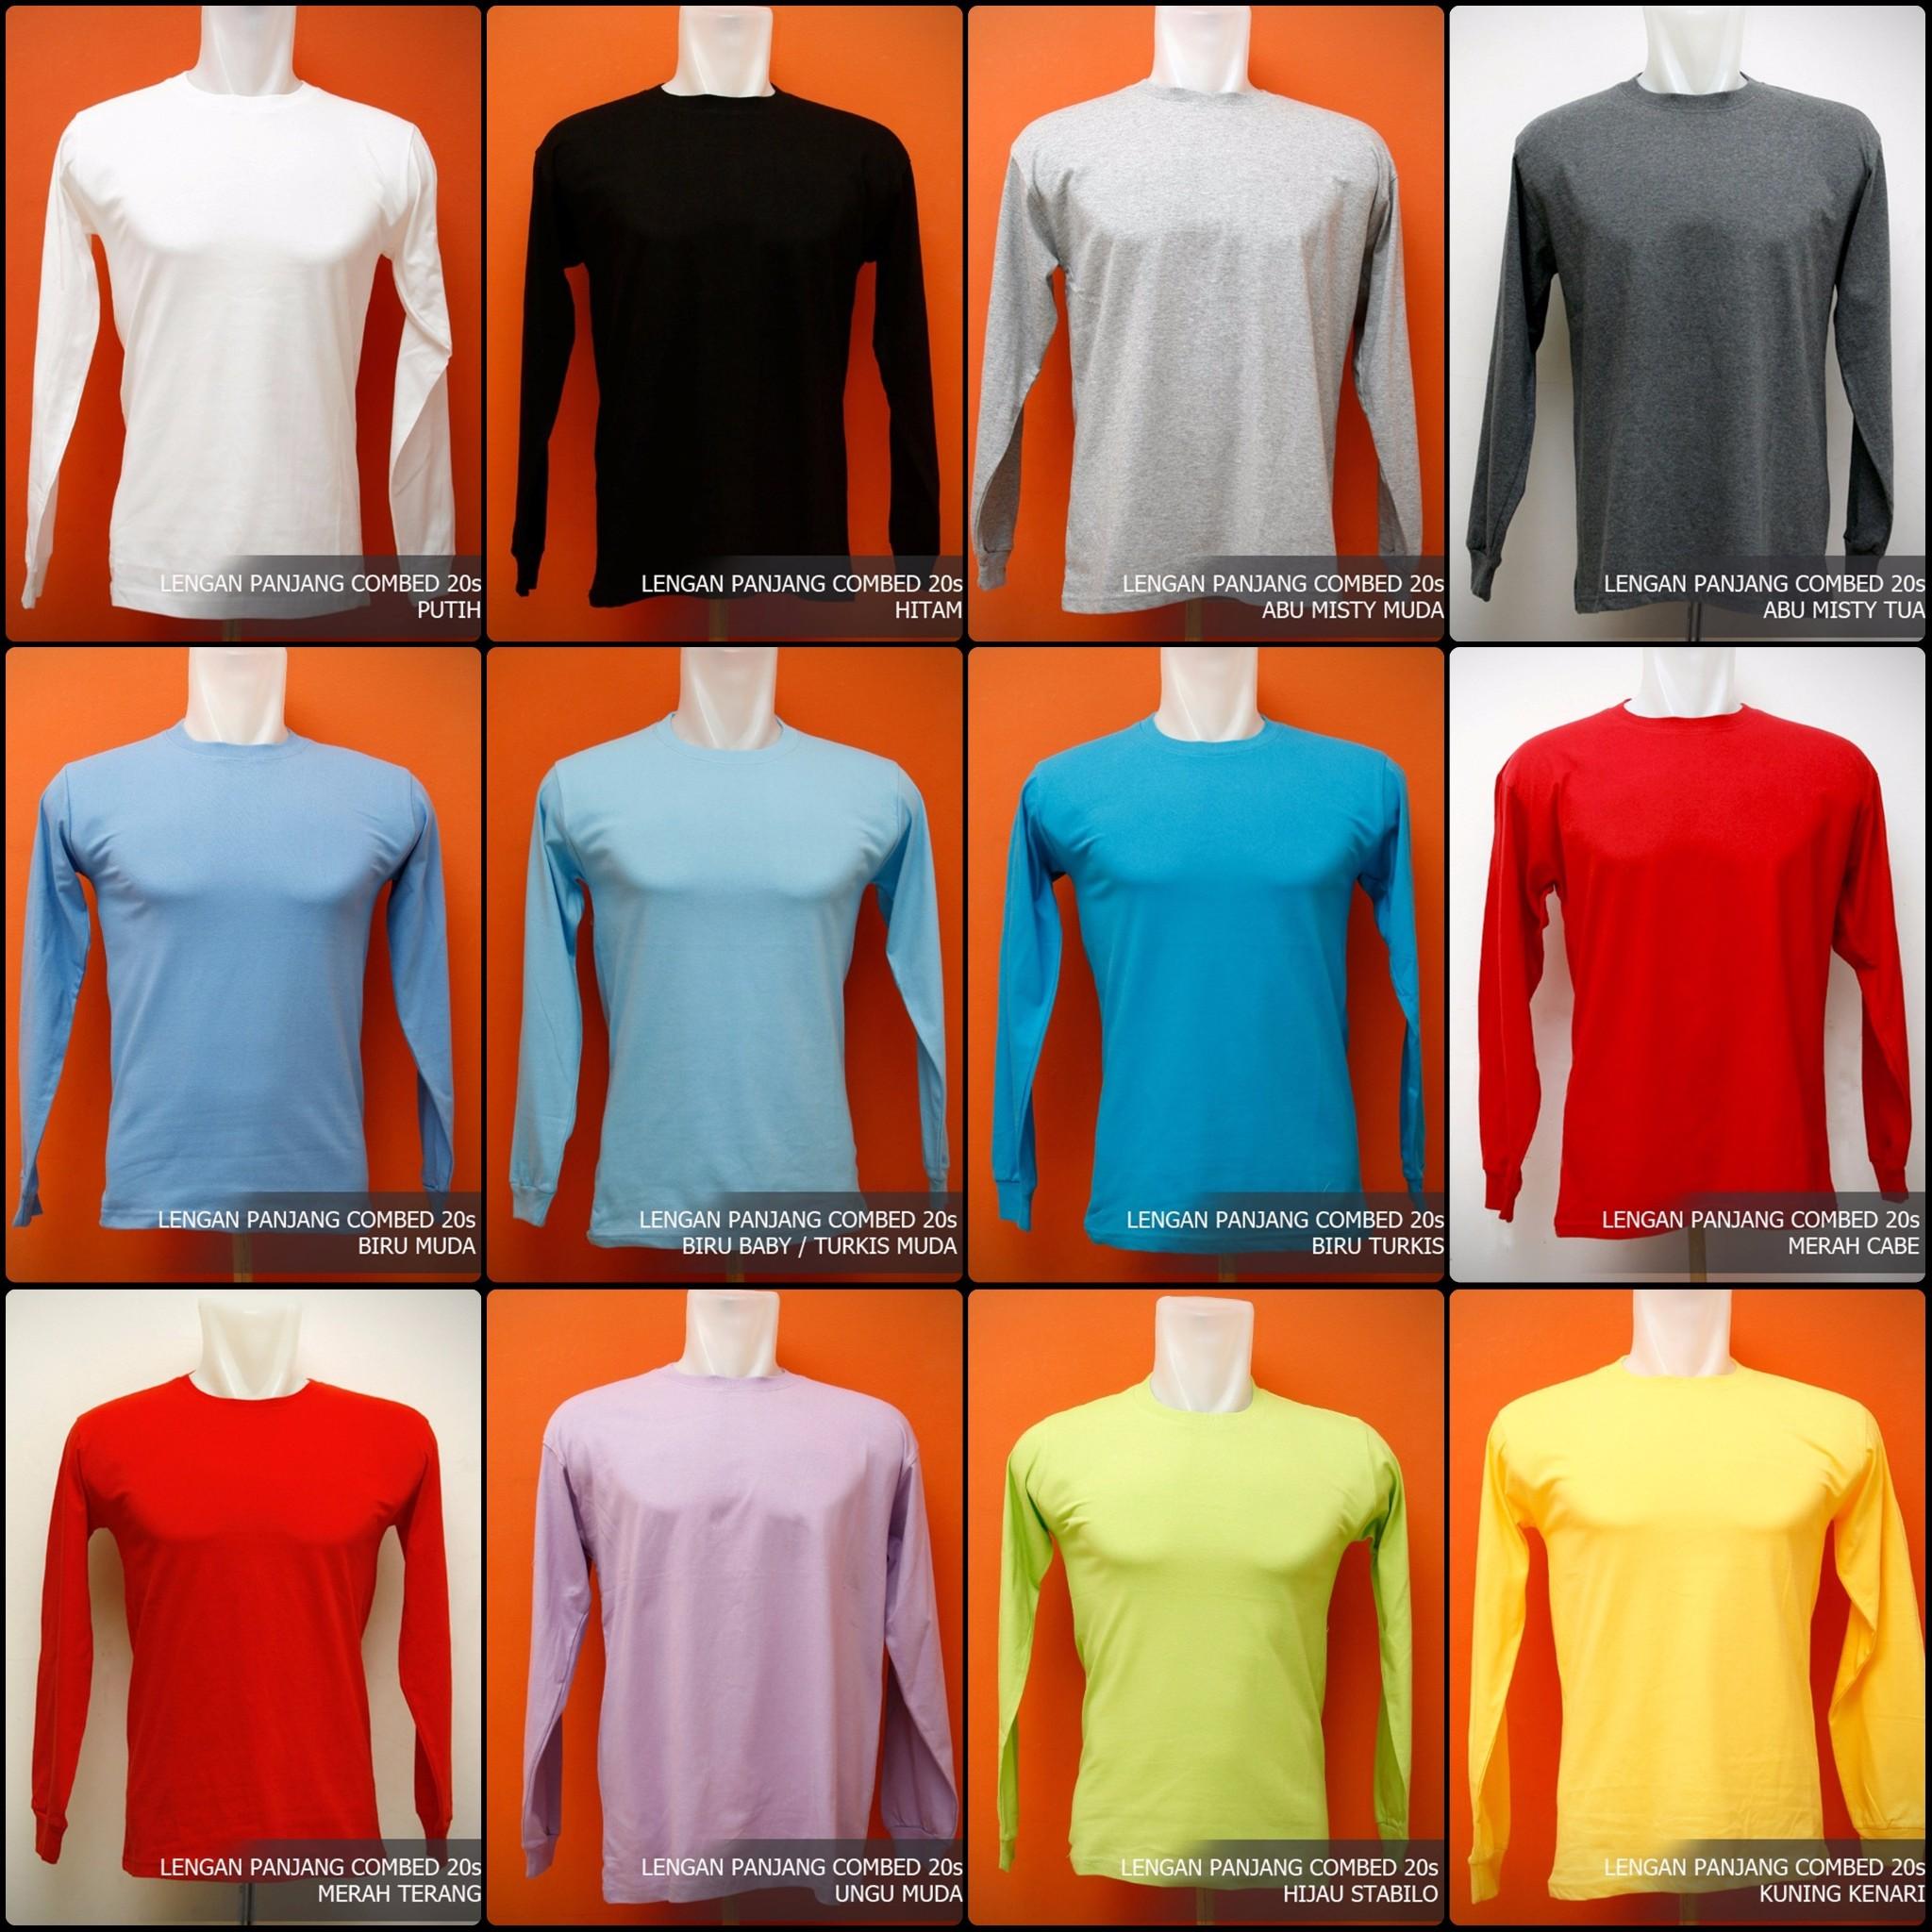 Jual Kaos Polos Murah Jakarta O Neck Lengan Panjang Cotton Combed Yellow Baby 20s 30s 4zone Id Tokopedia